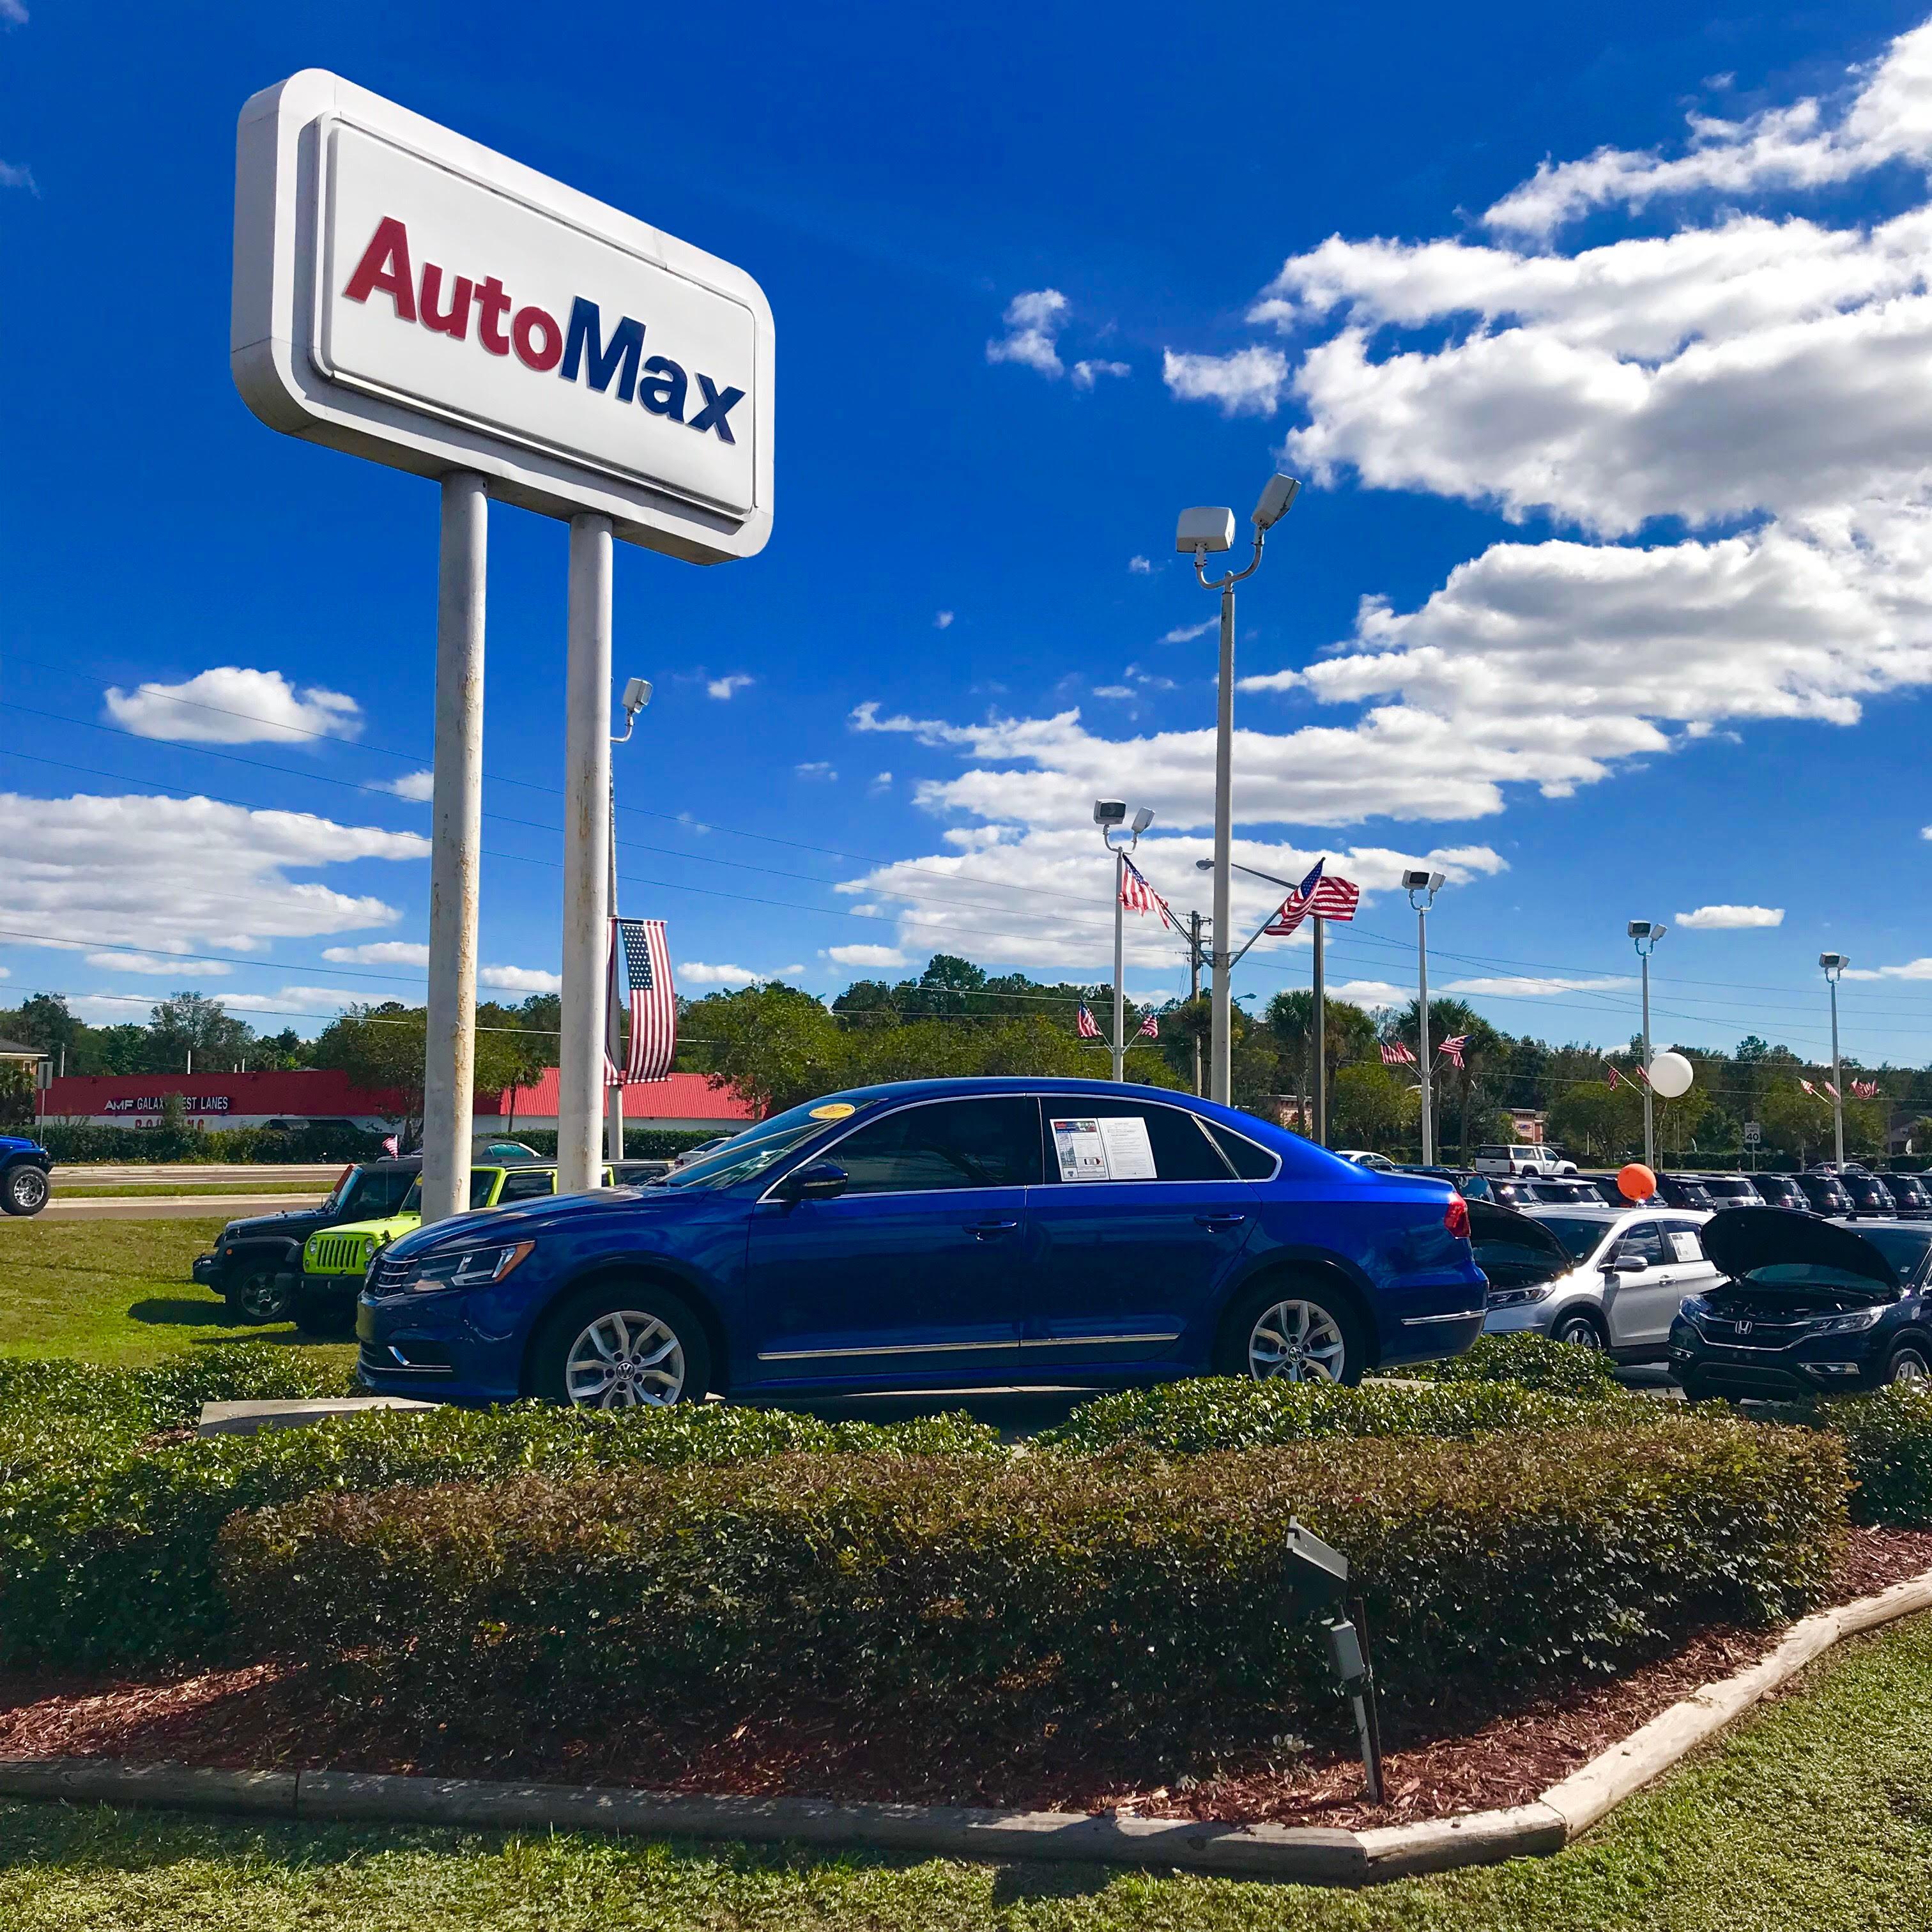 Auto Max Ocala In Ocala, FL 34471